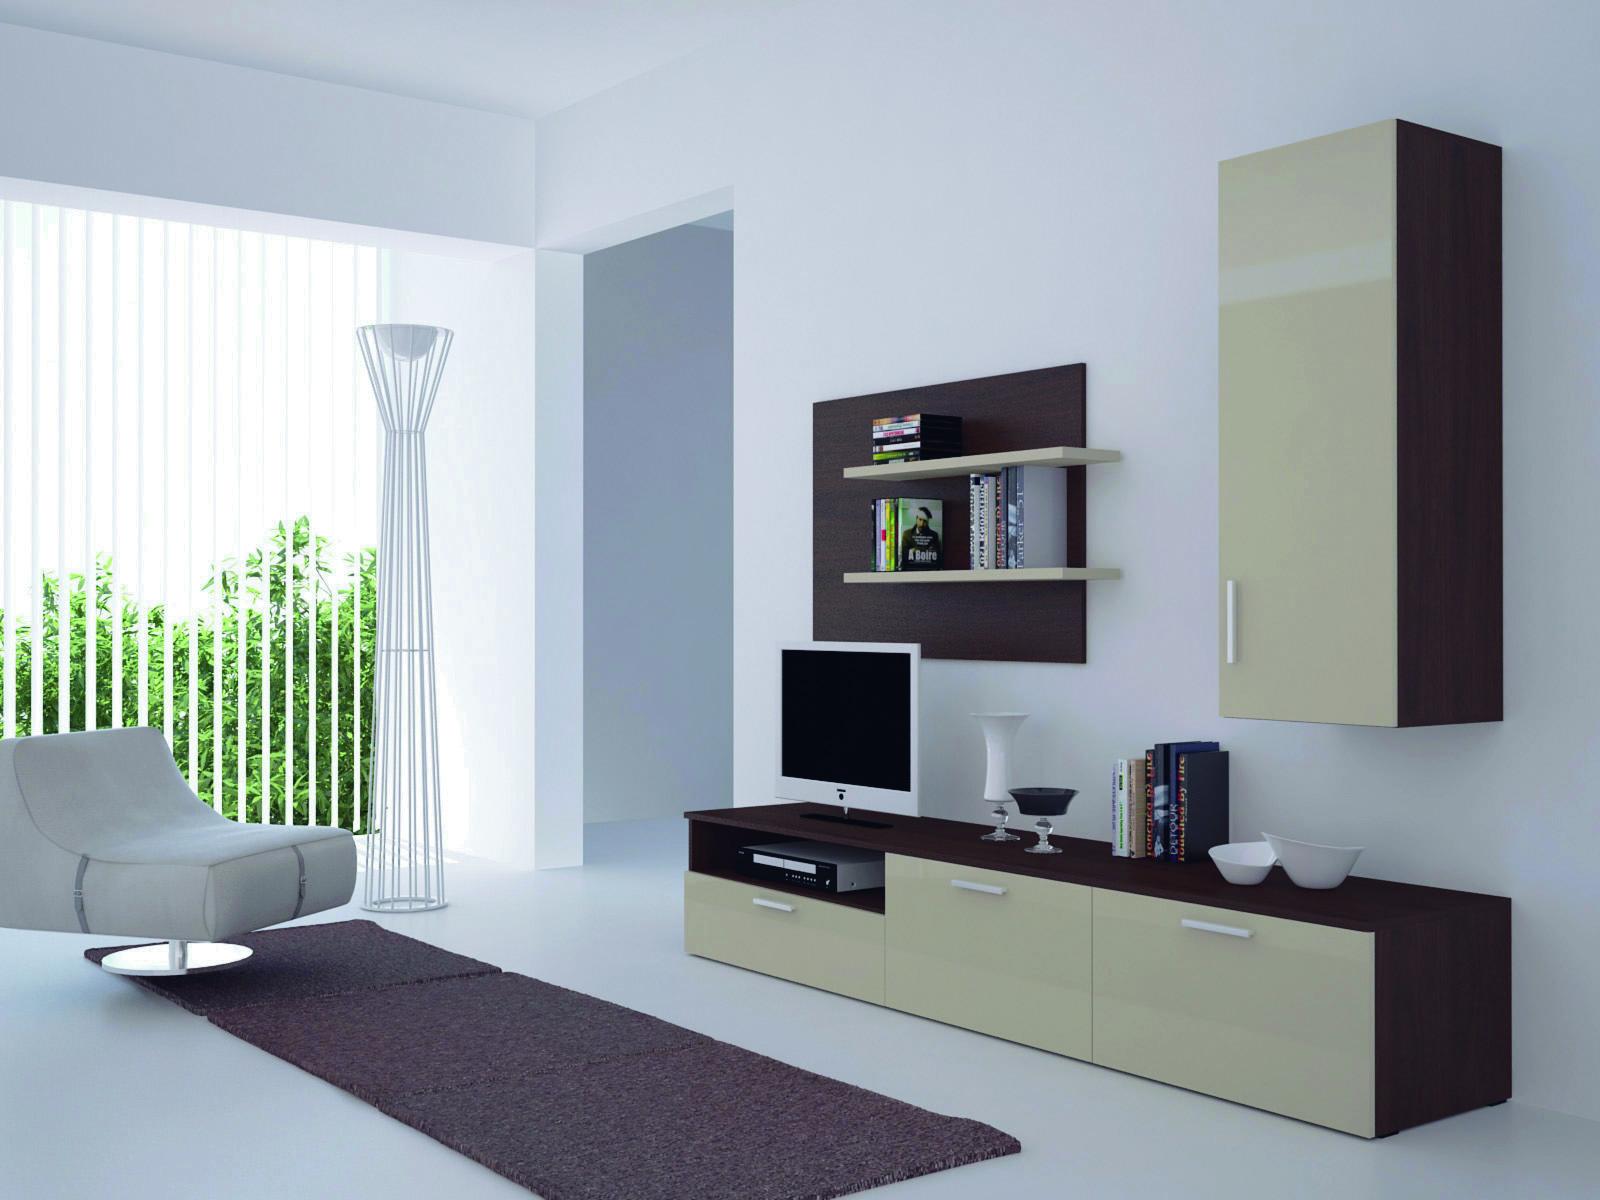 Белый, кремовый и коричневый цвета в интерьере гостиной